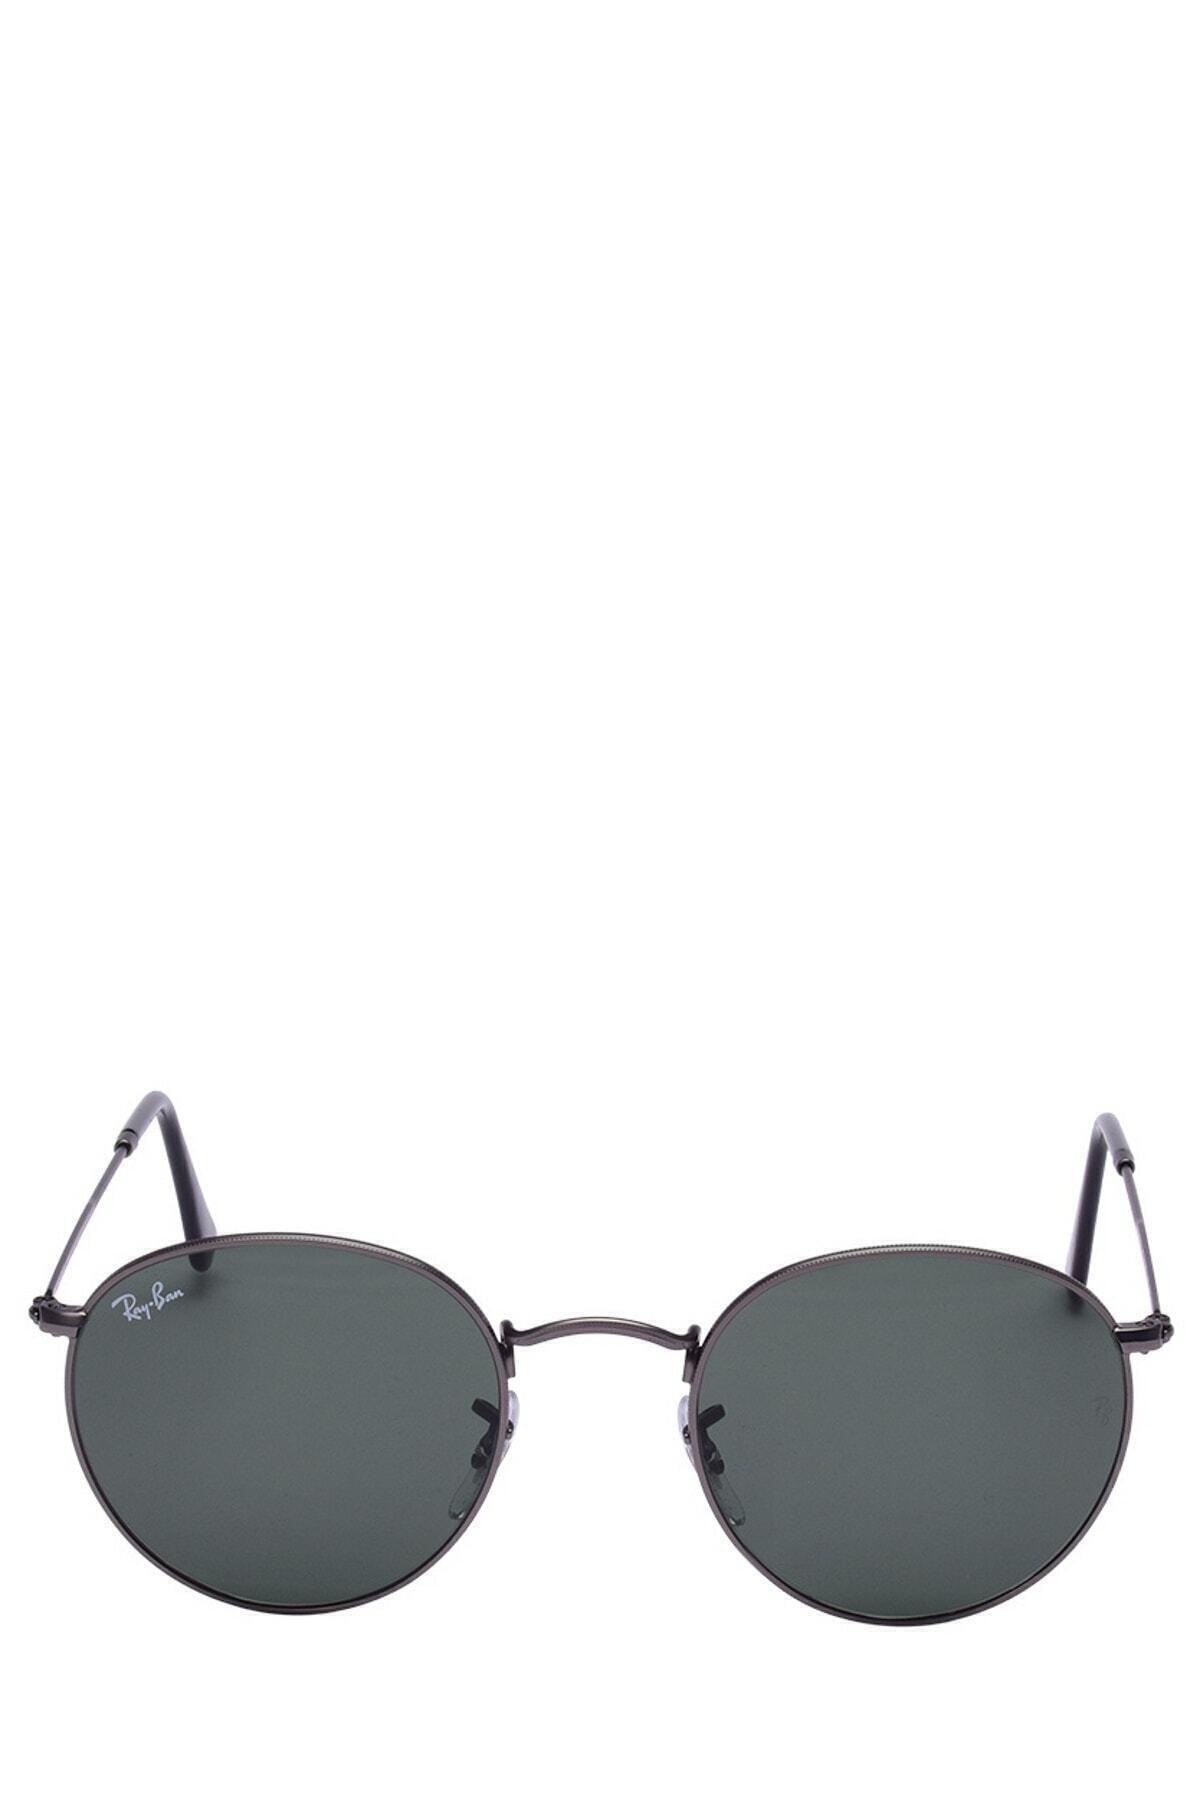 عینک آفتابی مردانه با قیمت برند ری بن رنگ مشکی کد ty731393